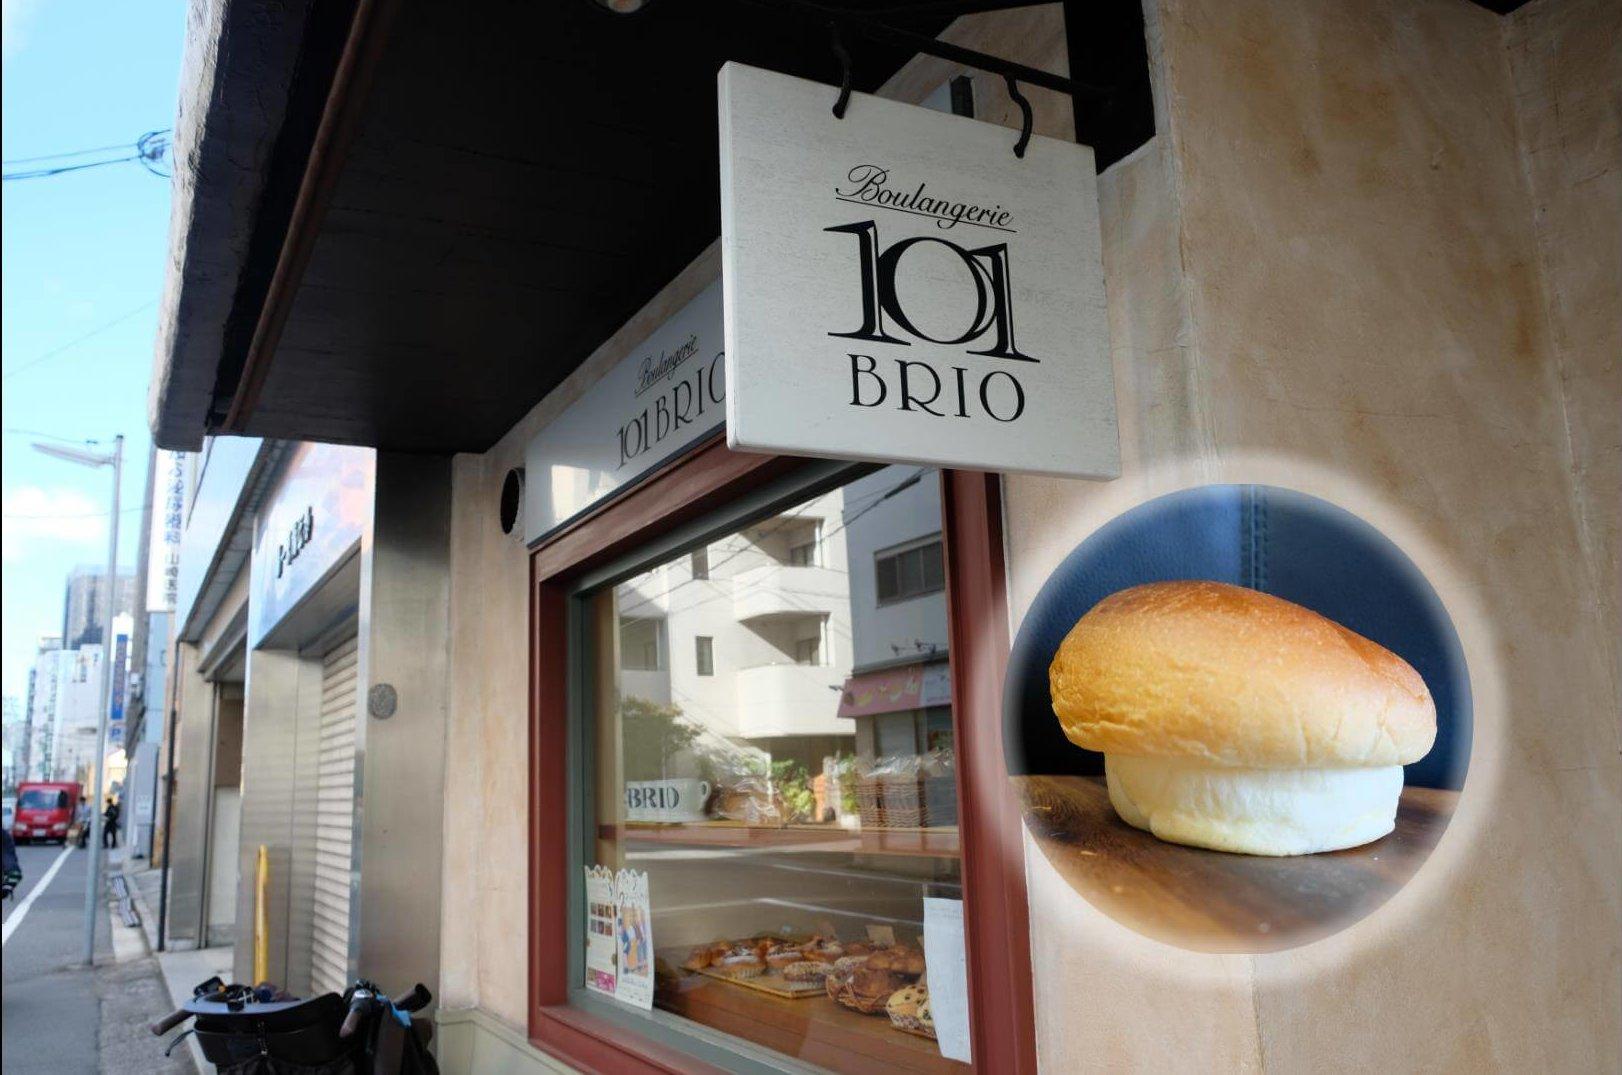 【広島のパン屋巡り】ブランジェリー 101ブリオ@広島市 キノコ型のクリームパンがうまい!【パン屋巡りNo.1】